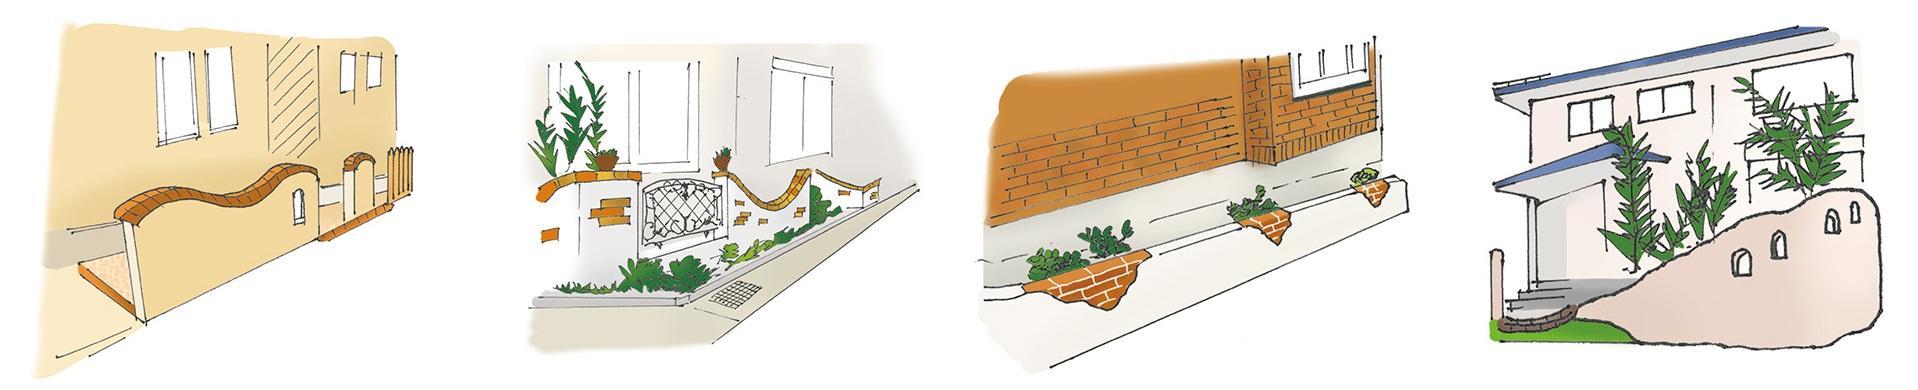 デザイン性の高い塀|千葉 外構・エクステリア